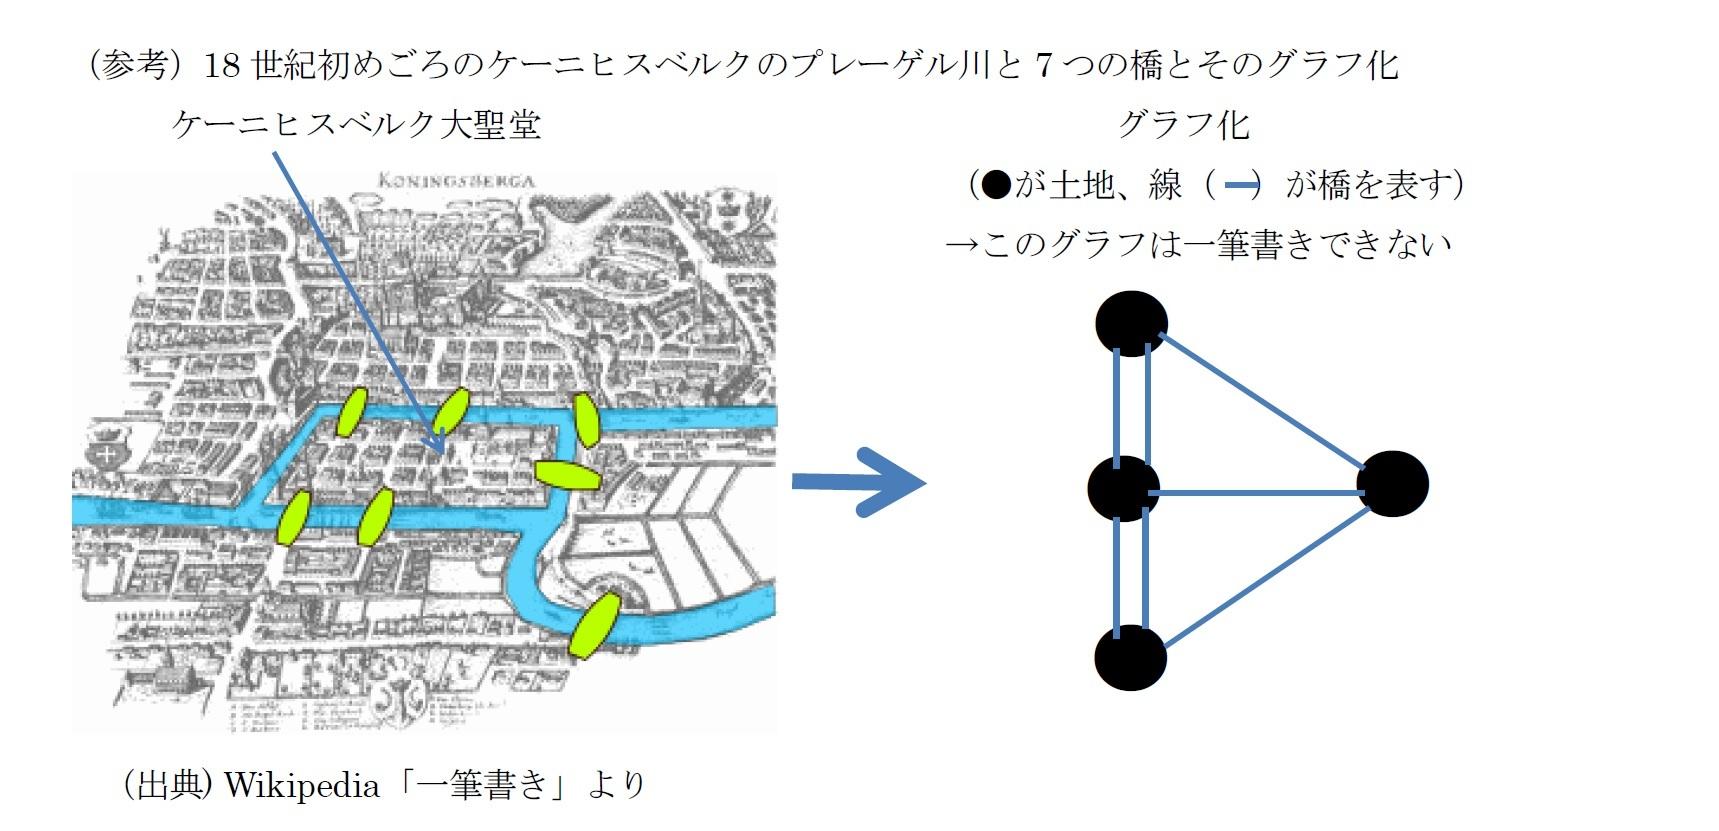 (参考)18 世紀初めごろのケーニヒスベルクのプレーゲル川と7 つの橋とそのグラフ化